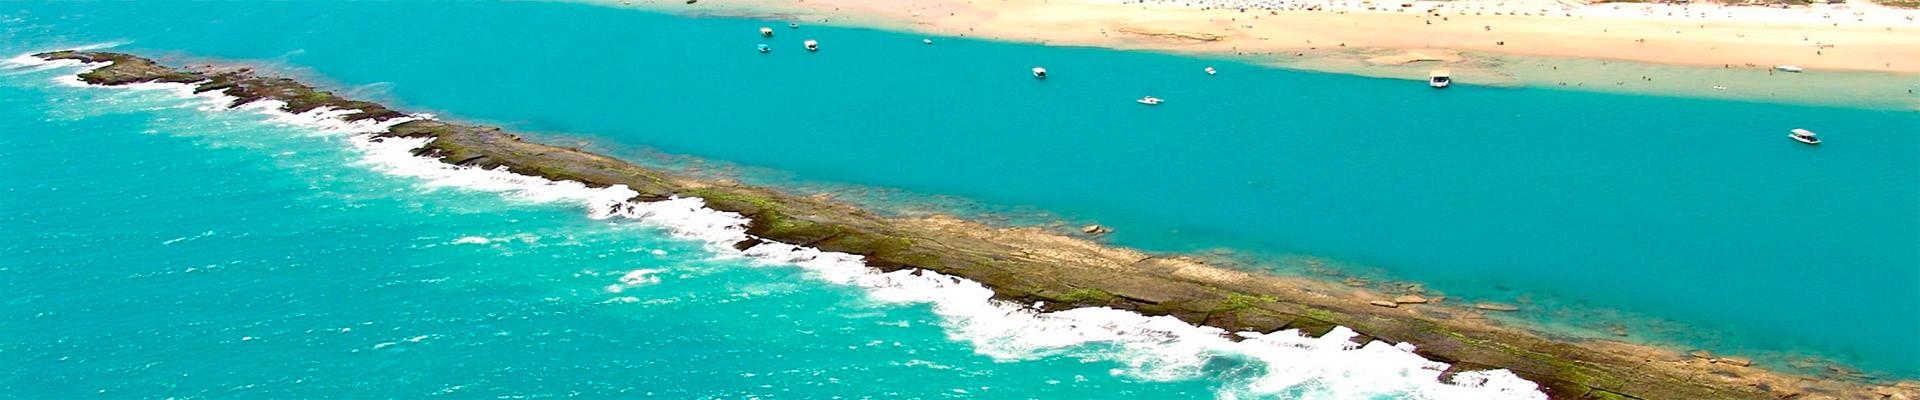 Maceió com Praia do Francês